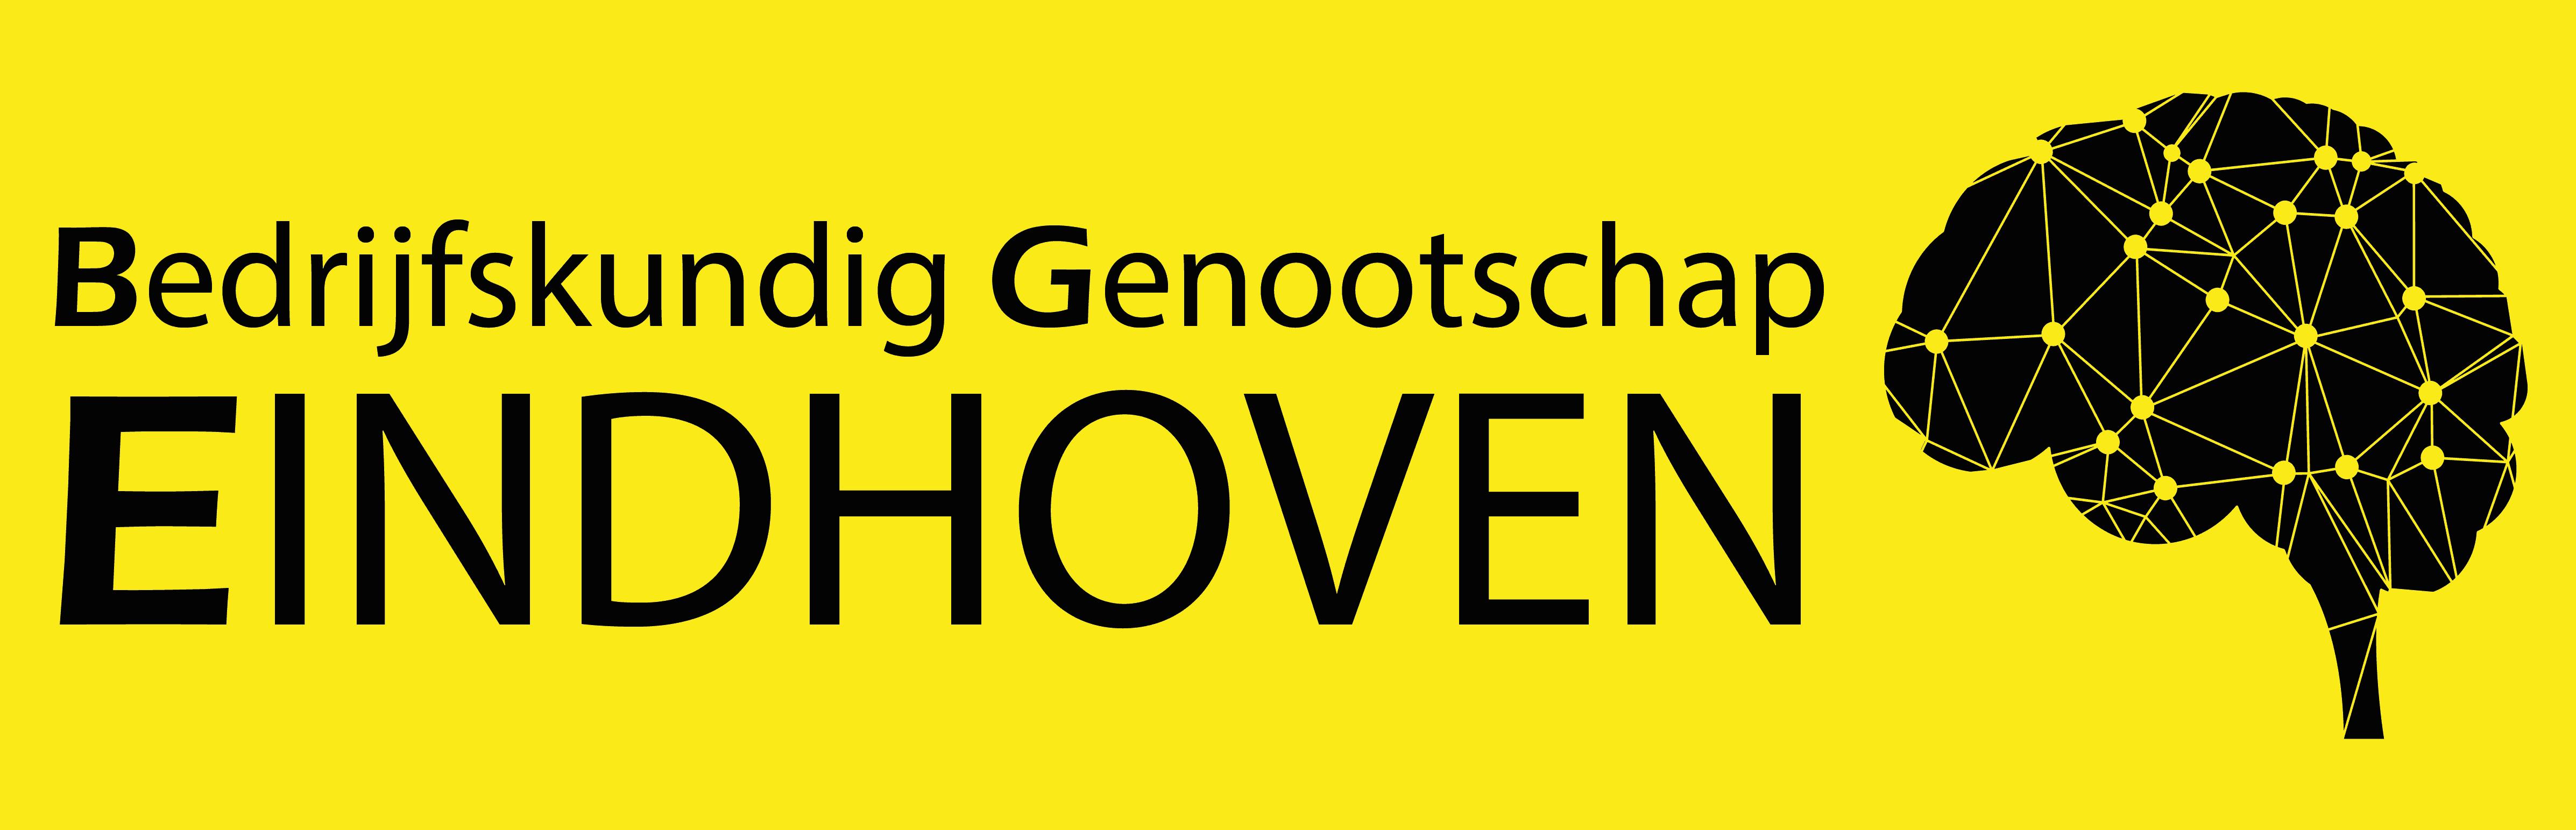 Bedrijfskundig Genootschap Eindhoven